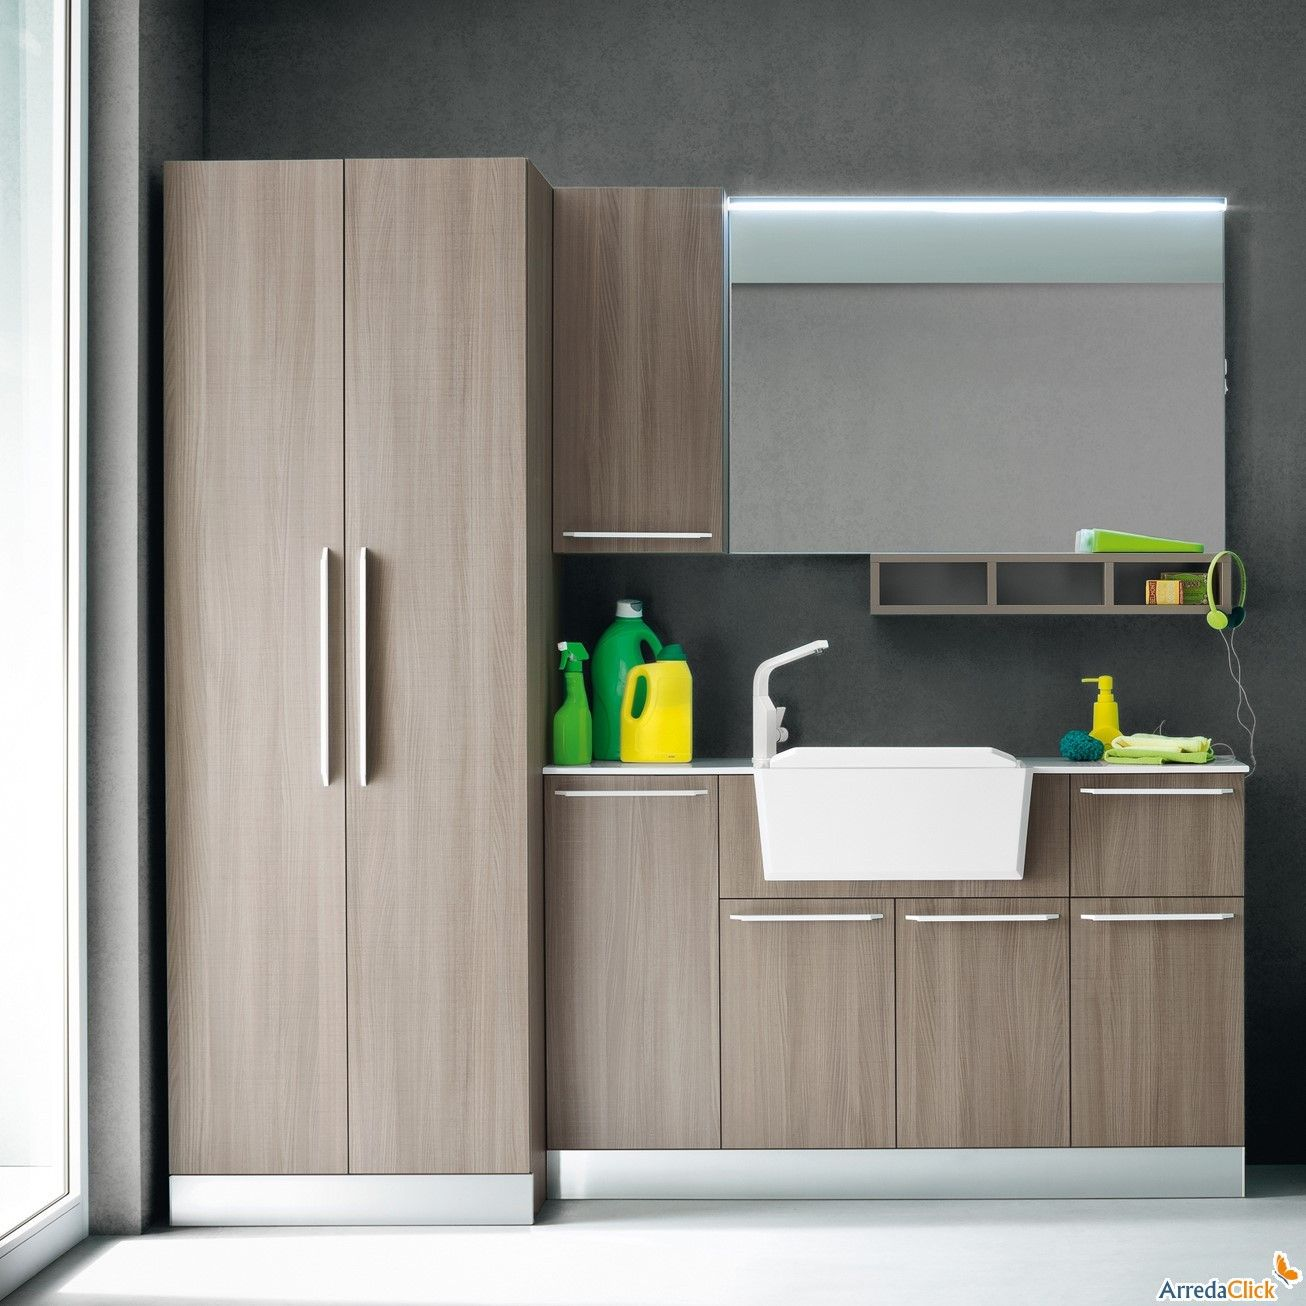 altezza asciugatrice e lavatrice impilate - Cerca con Google | Dom ...